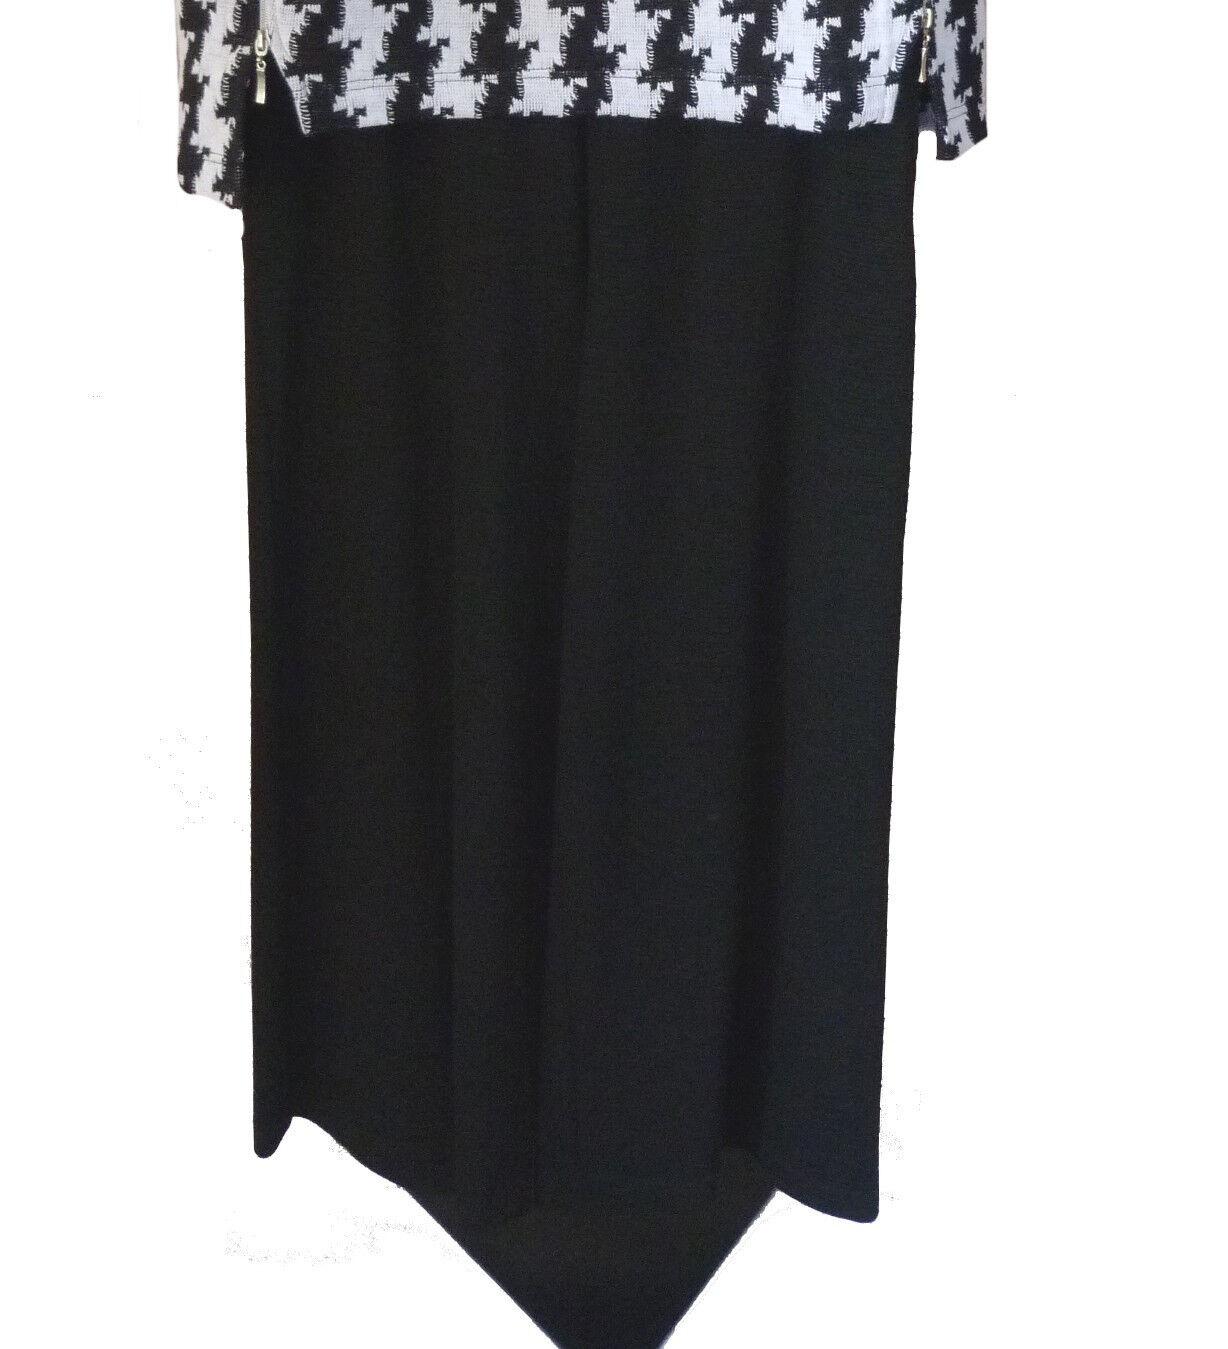 Gr.M  XL XXL Leins´ Hose Marlenehose Schlupfhose elegant pants Schwarz LAGENLOOK